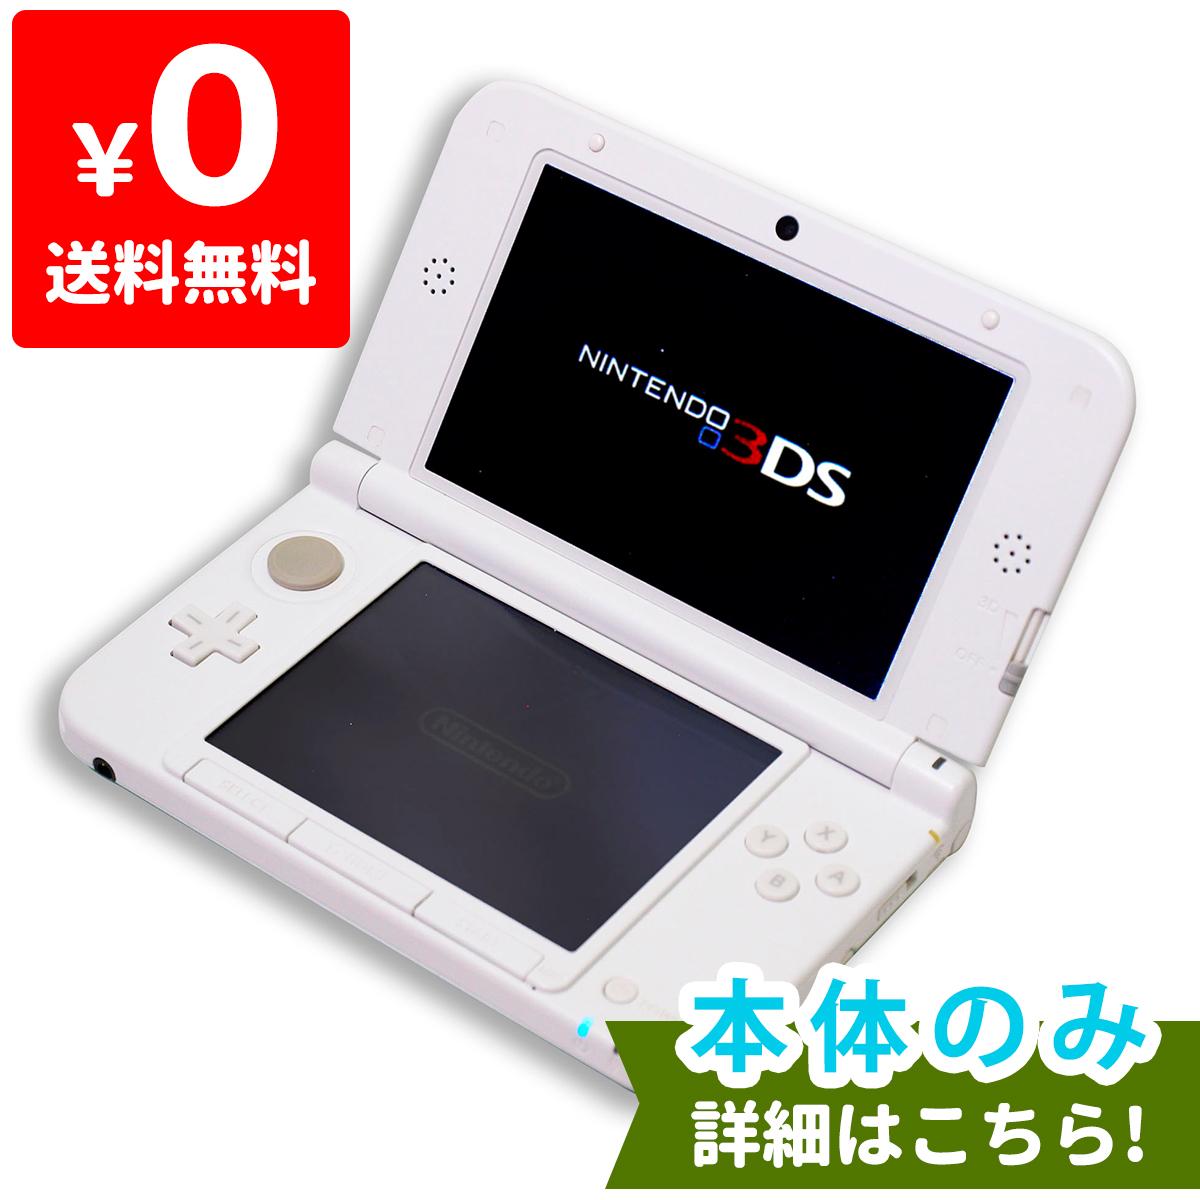 3DSLL ニンテンドー3DS LL ホワイト 本体のみ タッチペン付き Nintendo 任天堂 ニンテンドー 中古 4902370519563 送料無料 【中古】